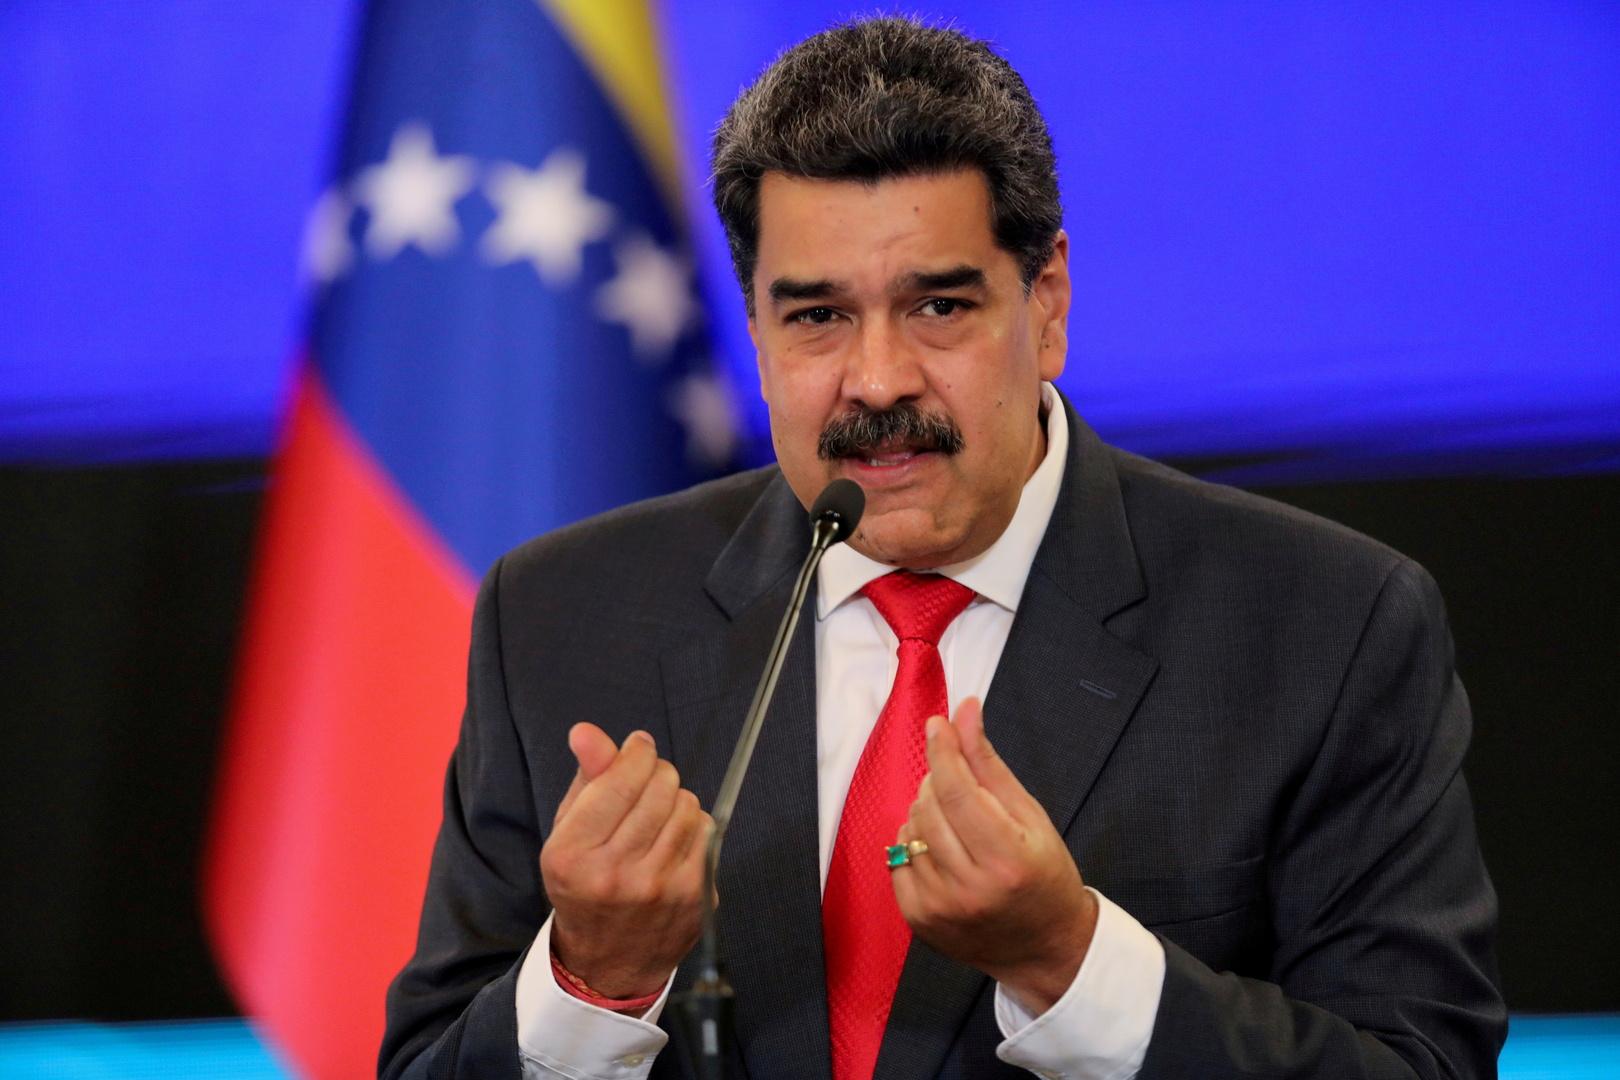 في ظل الاحتجاجات.. رئيس كوبا يجتمع مع راؤول كاسترو